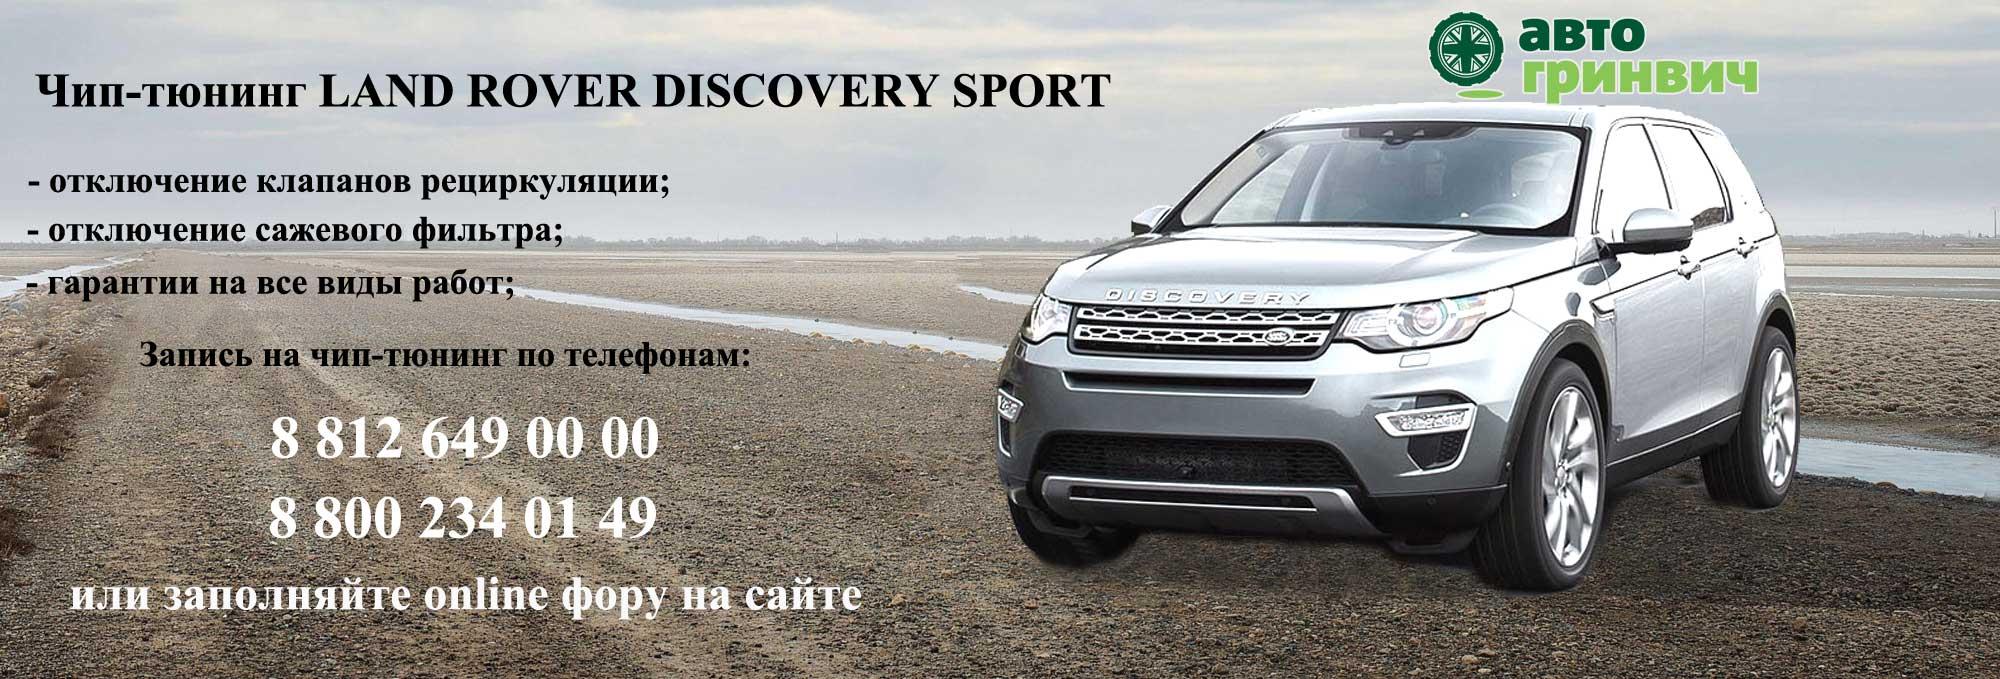 Чип-тюнинг Discovery Sport